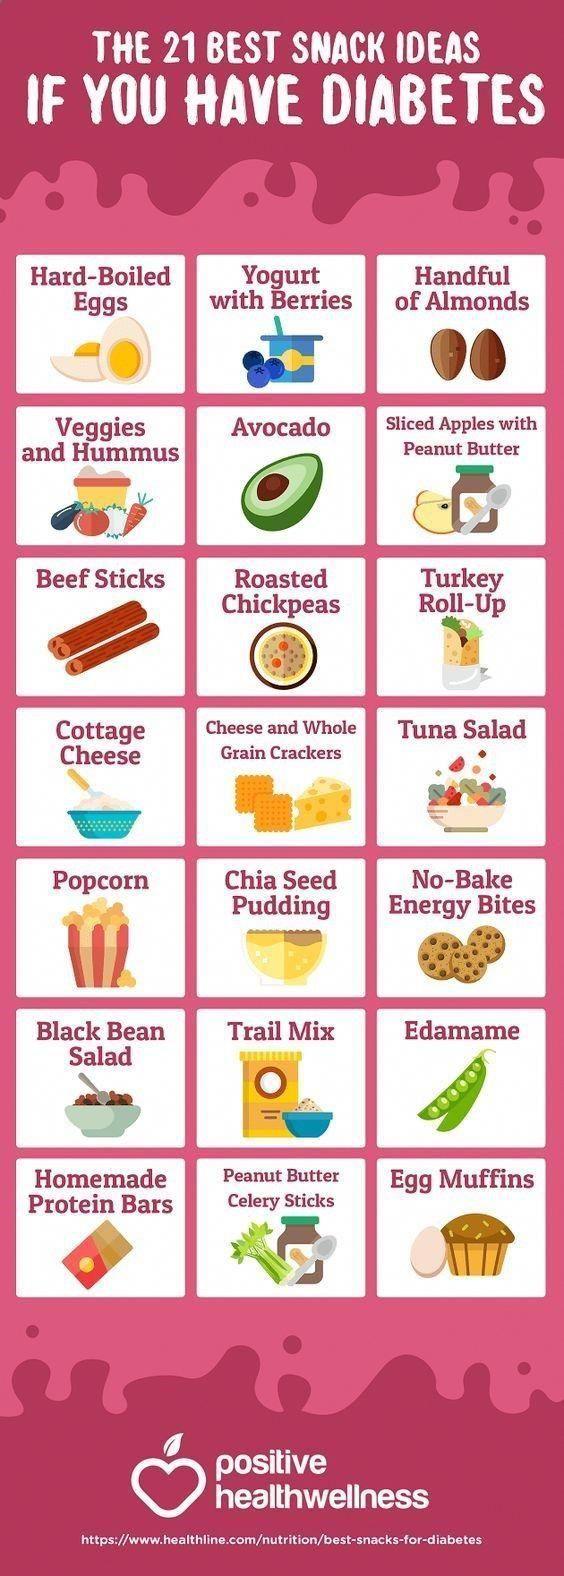 10 + Magnetic Diabetes Snacks Gewichtsverlust Ideen  #diabetes #gewichtsverlust #ideen #magnetic #snacks #diabetesmenu